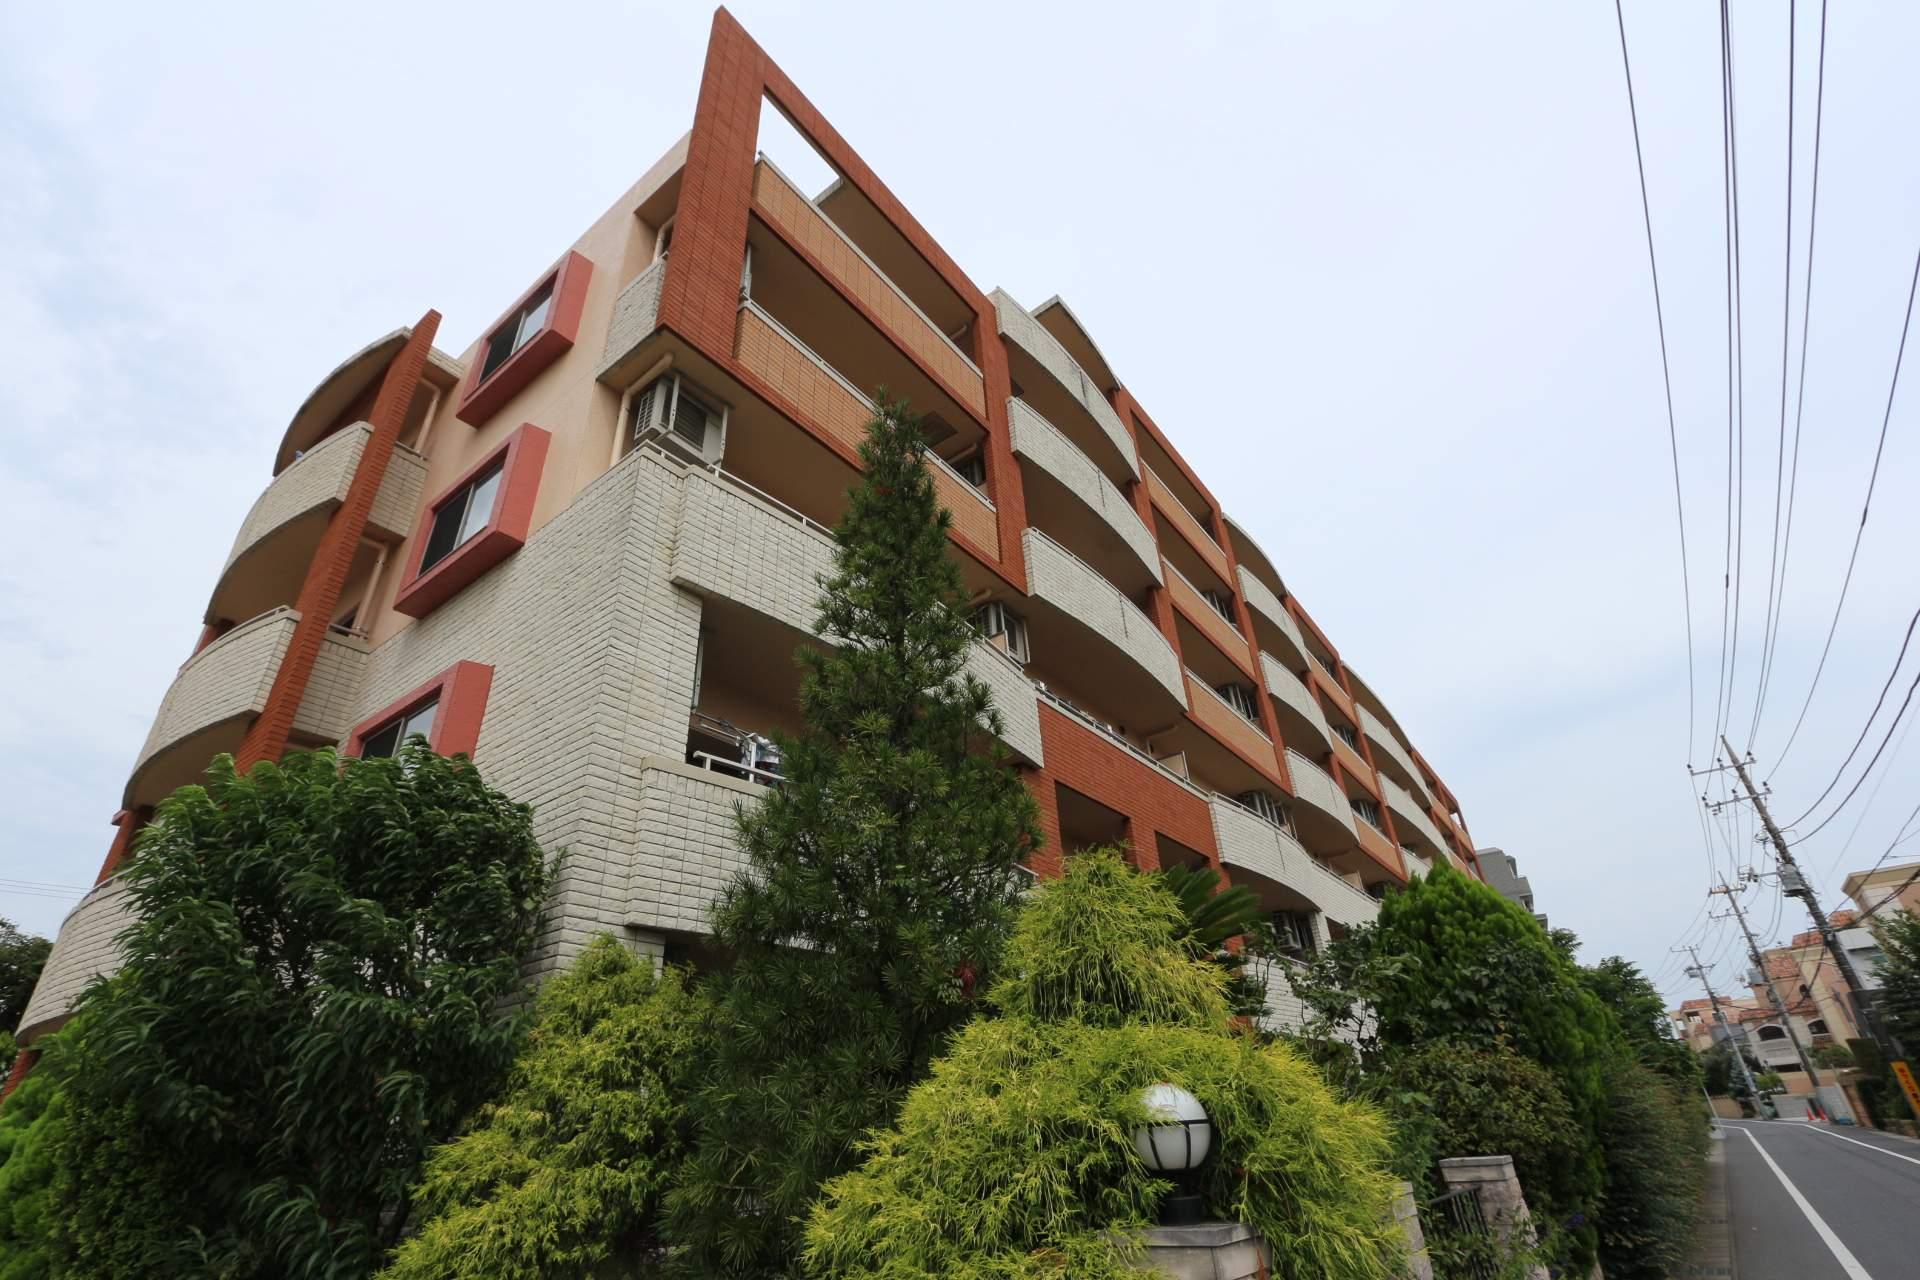 千葉県松戸市、みのり台駅徒歩9分の築15年 6階建の賃貸マンション